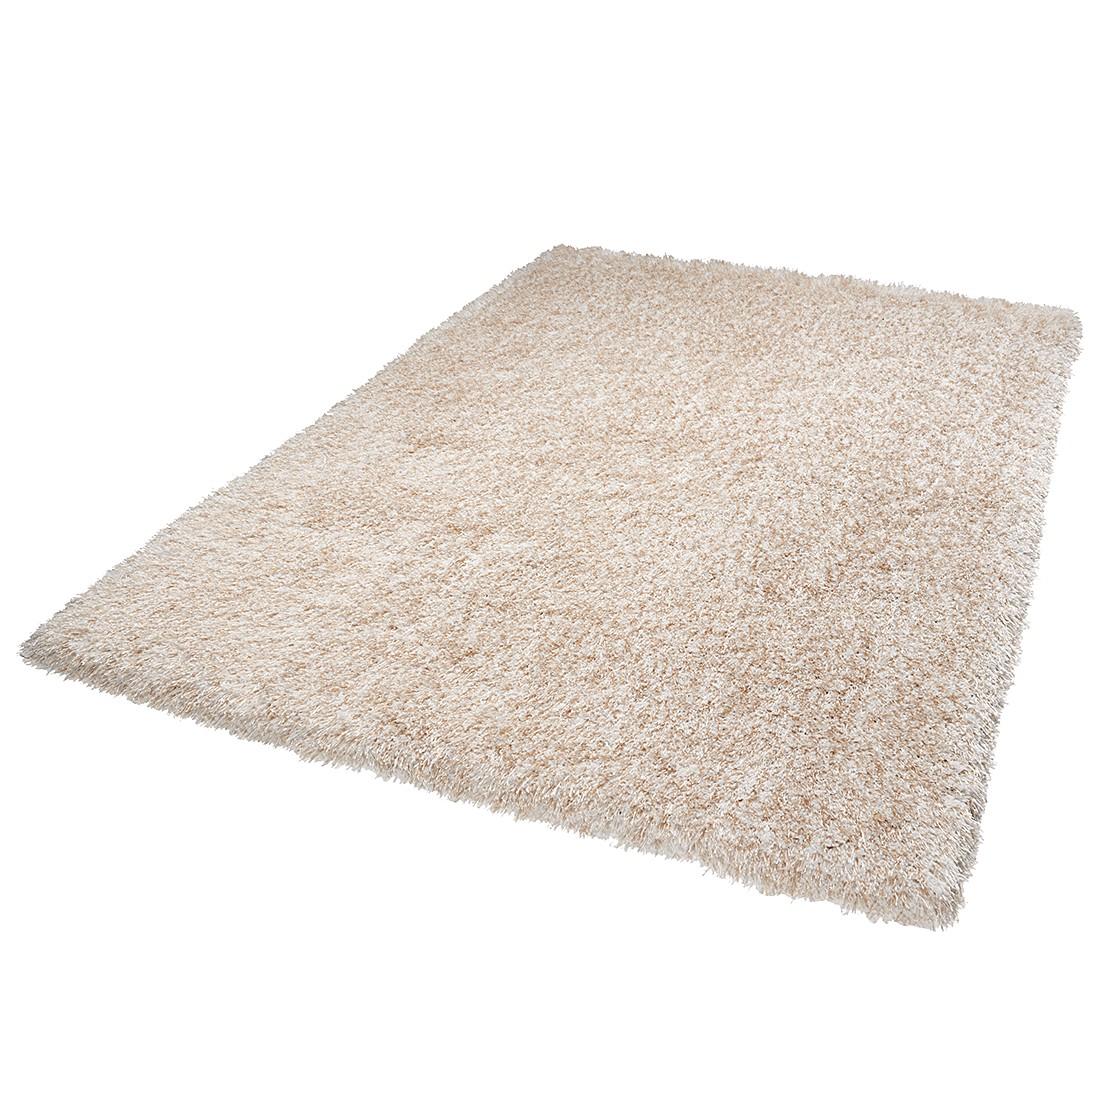 Teppich Lagune – Creme – 130 x 190 cm, DEKOWE online bestellen